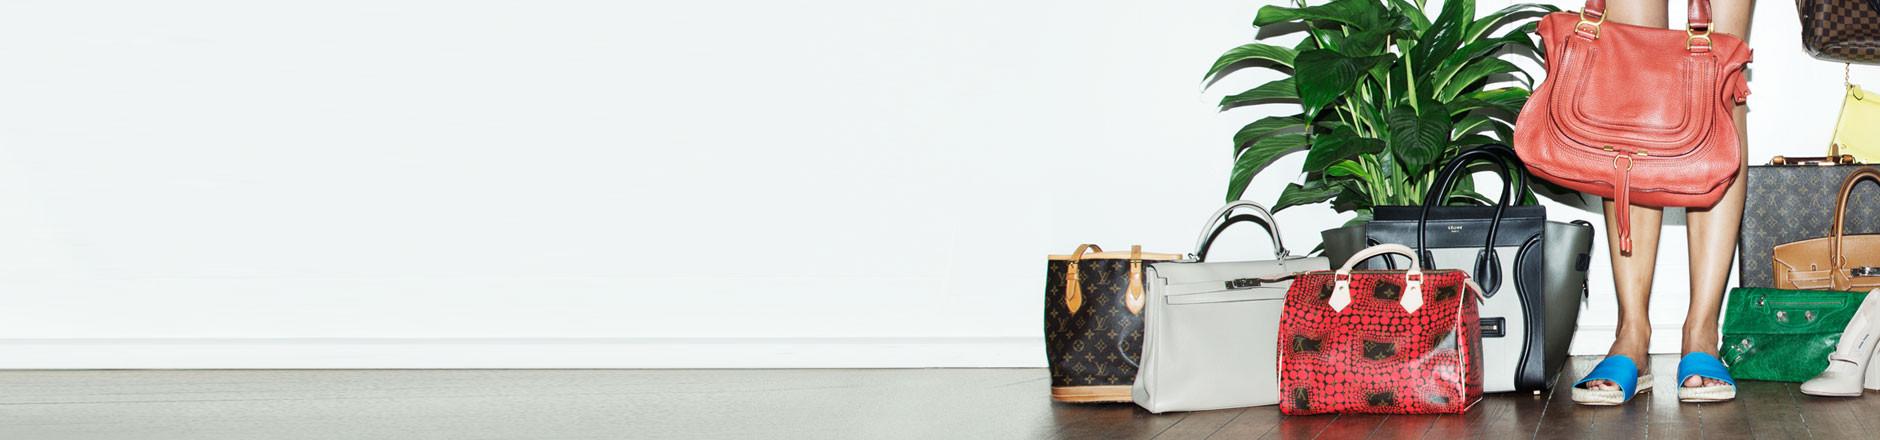 replica bottega veneta handbags wallet belt insecticide